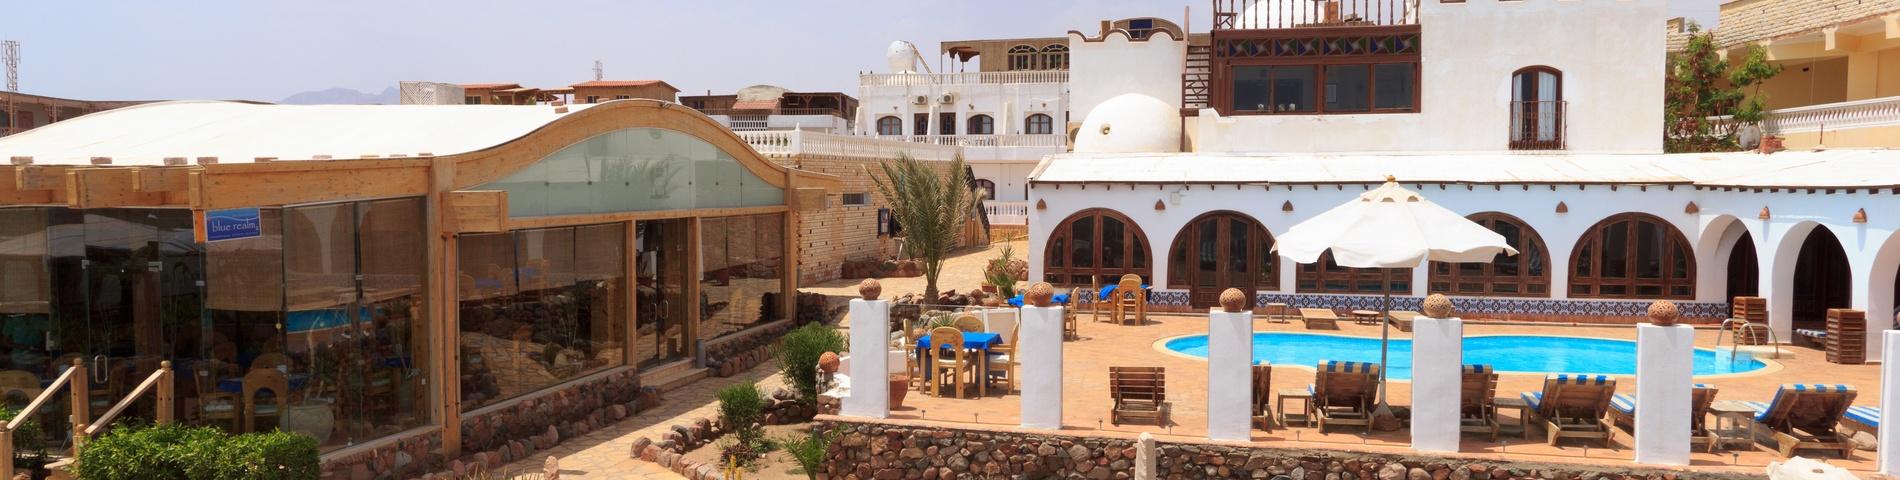 Blue Beach Club School Of Arabic Language resim 1